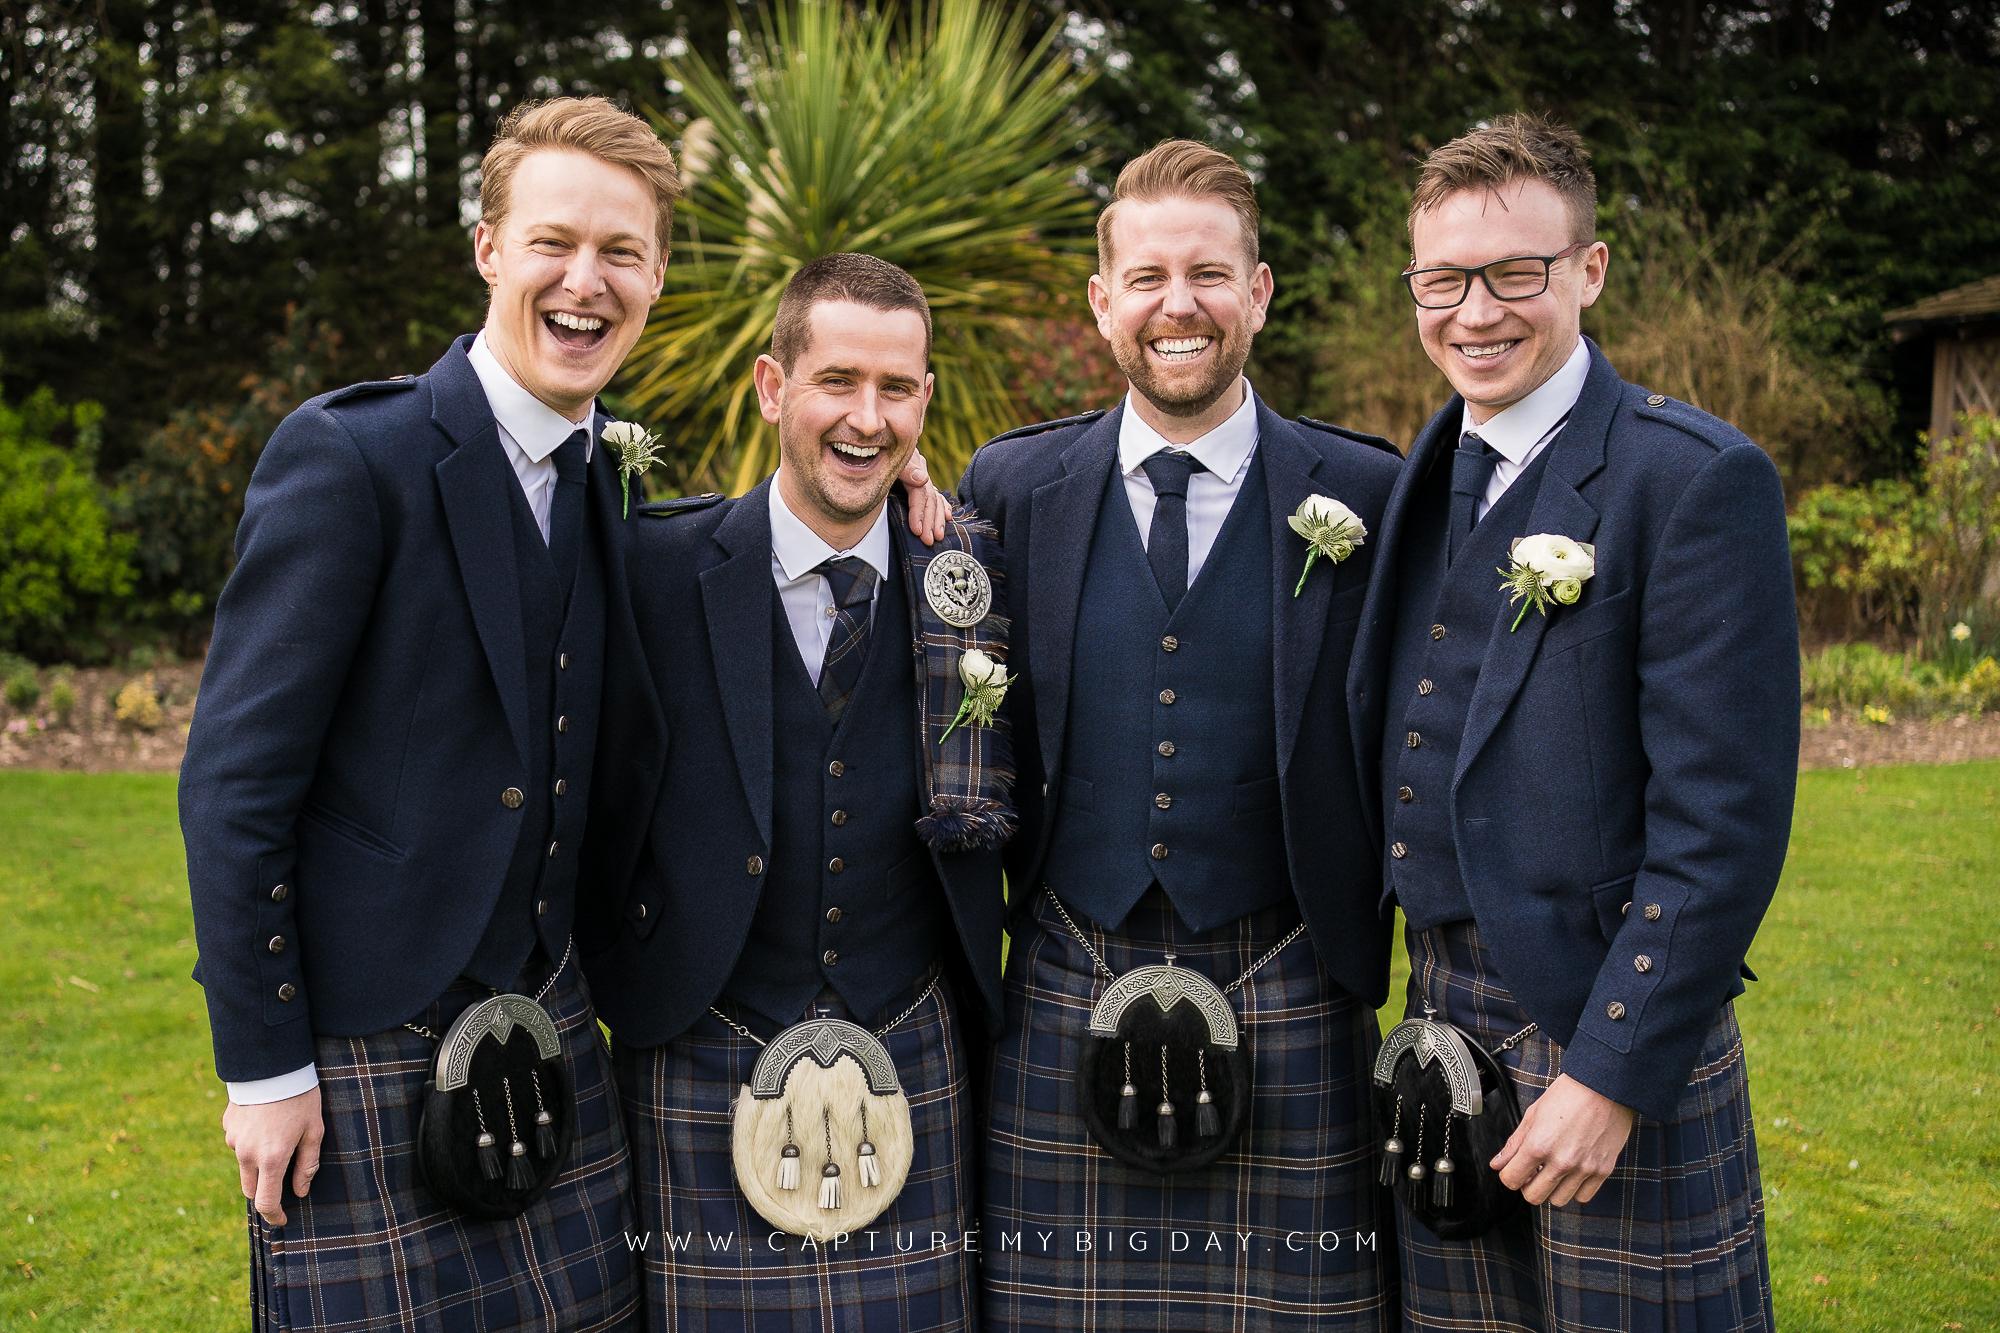 grooms men in photograph